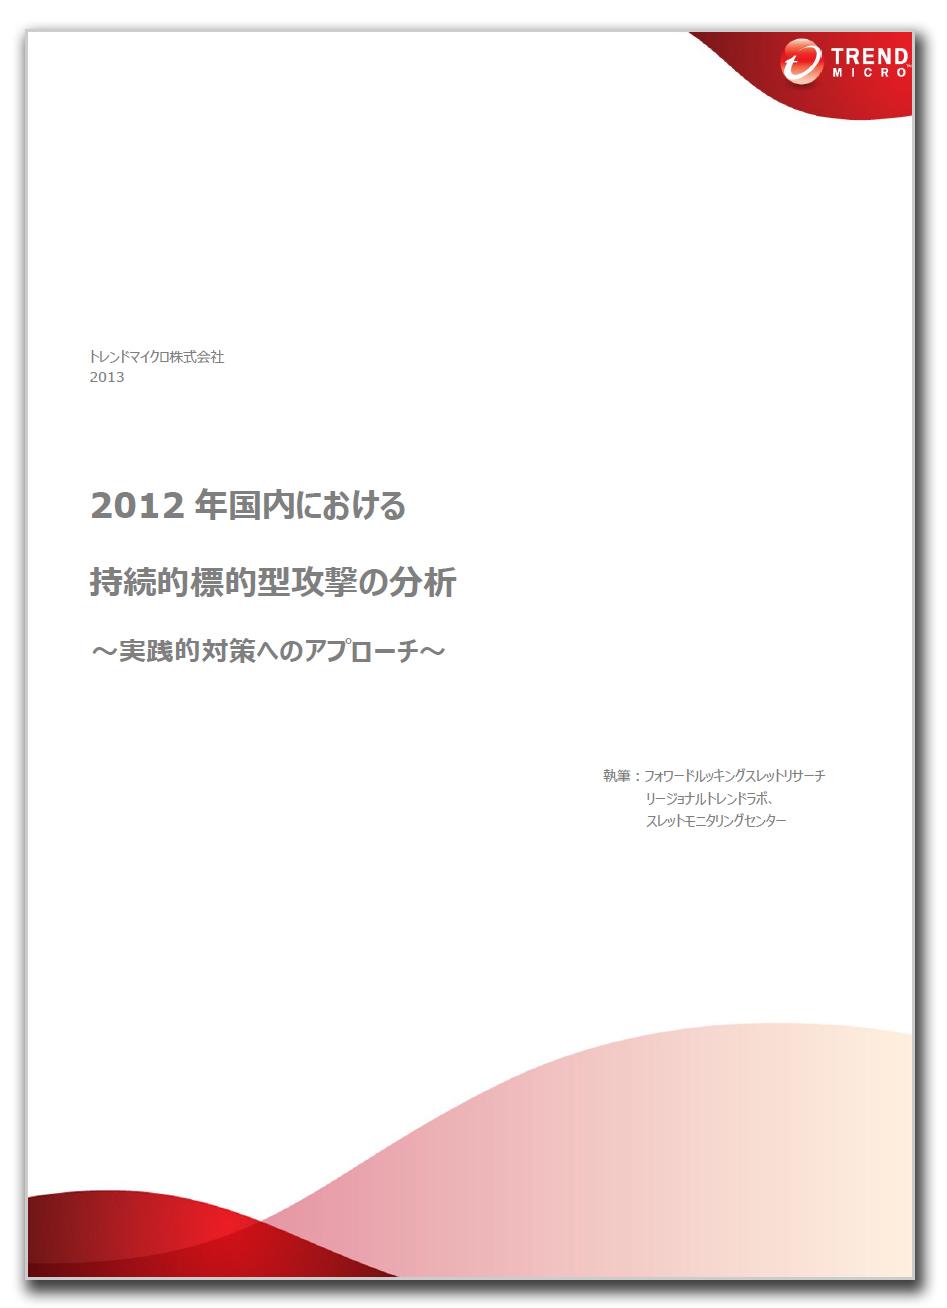 2012年国内における持続的標的型攻撃(APT)の分析 ~実践的対策へのアプローチ~